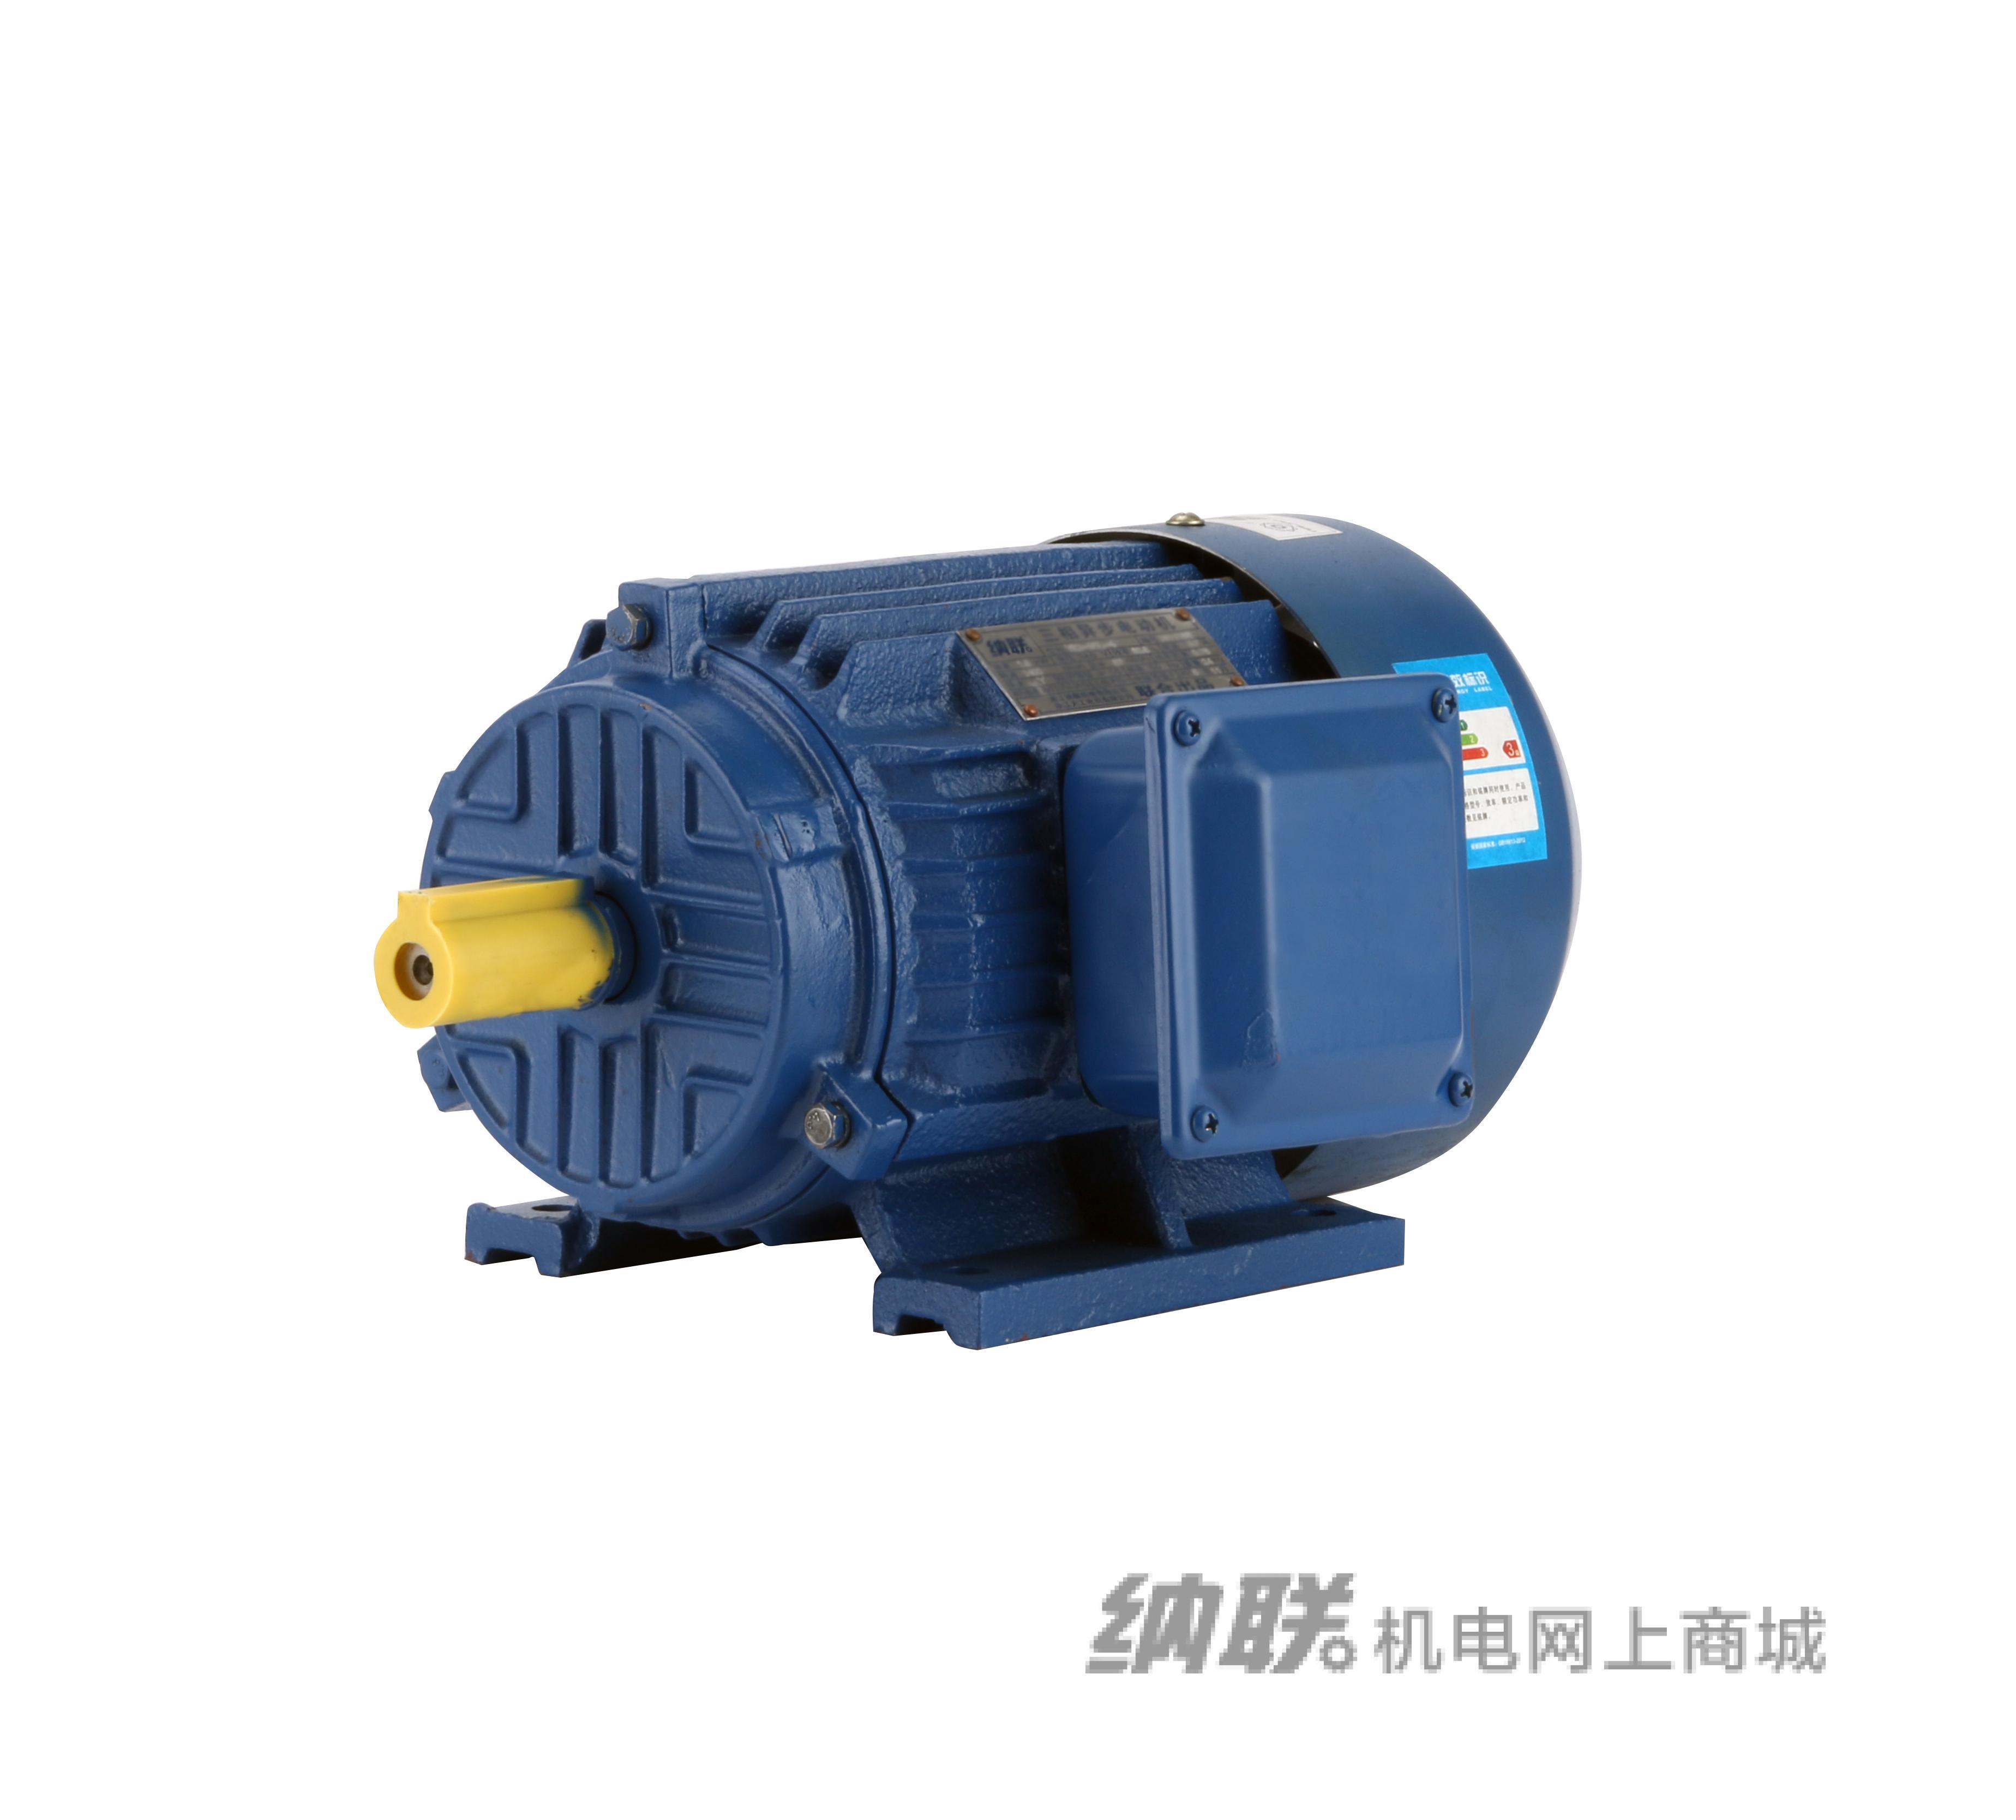 纳联机电 YE2系列电机-YE2-112M-4/4 反装